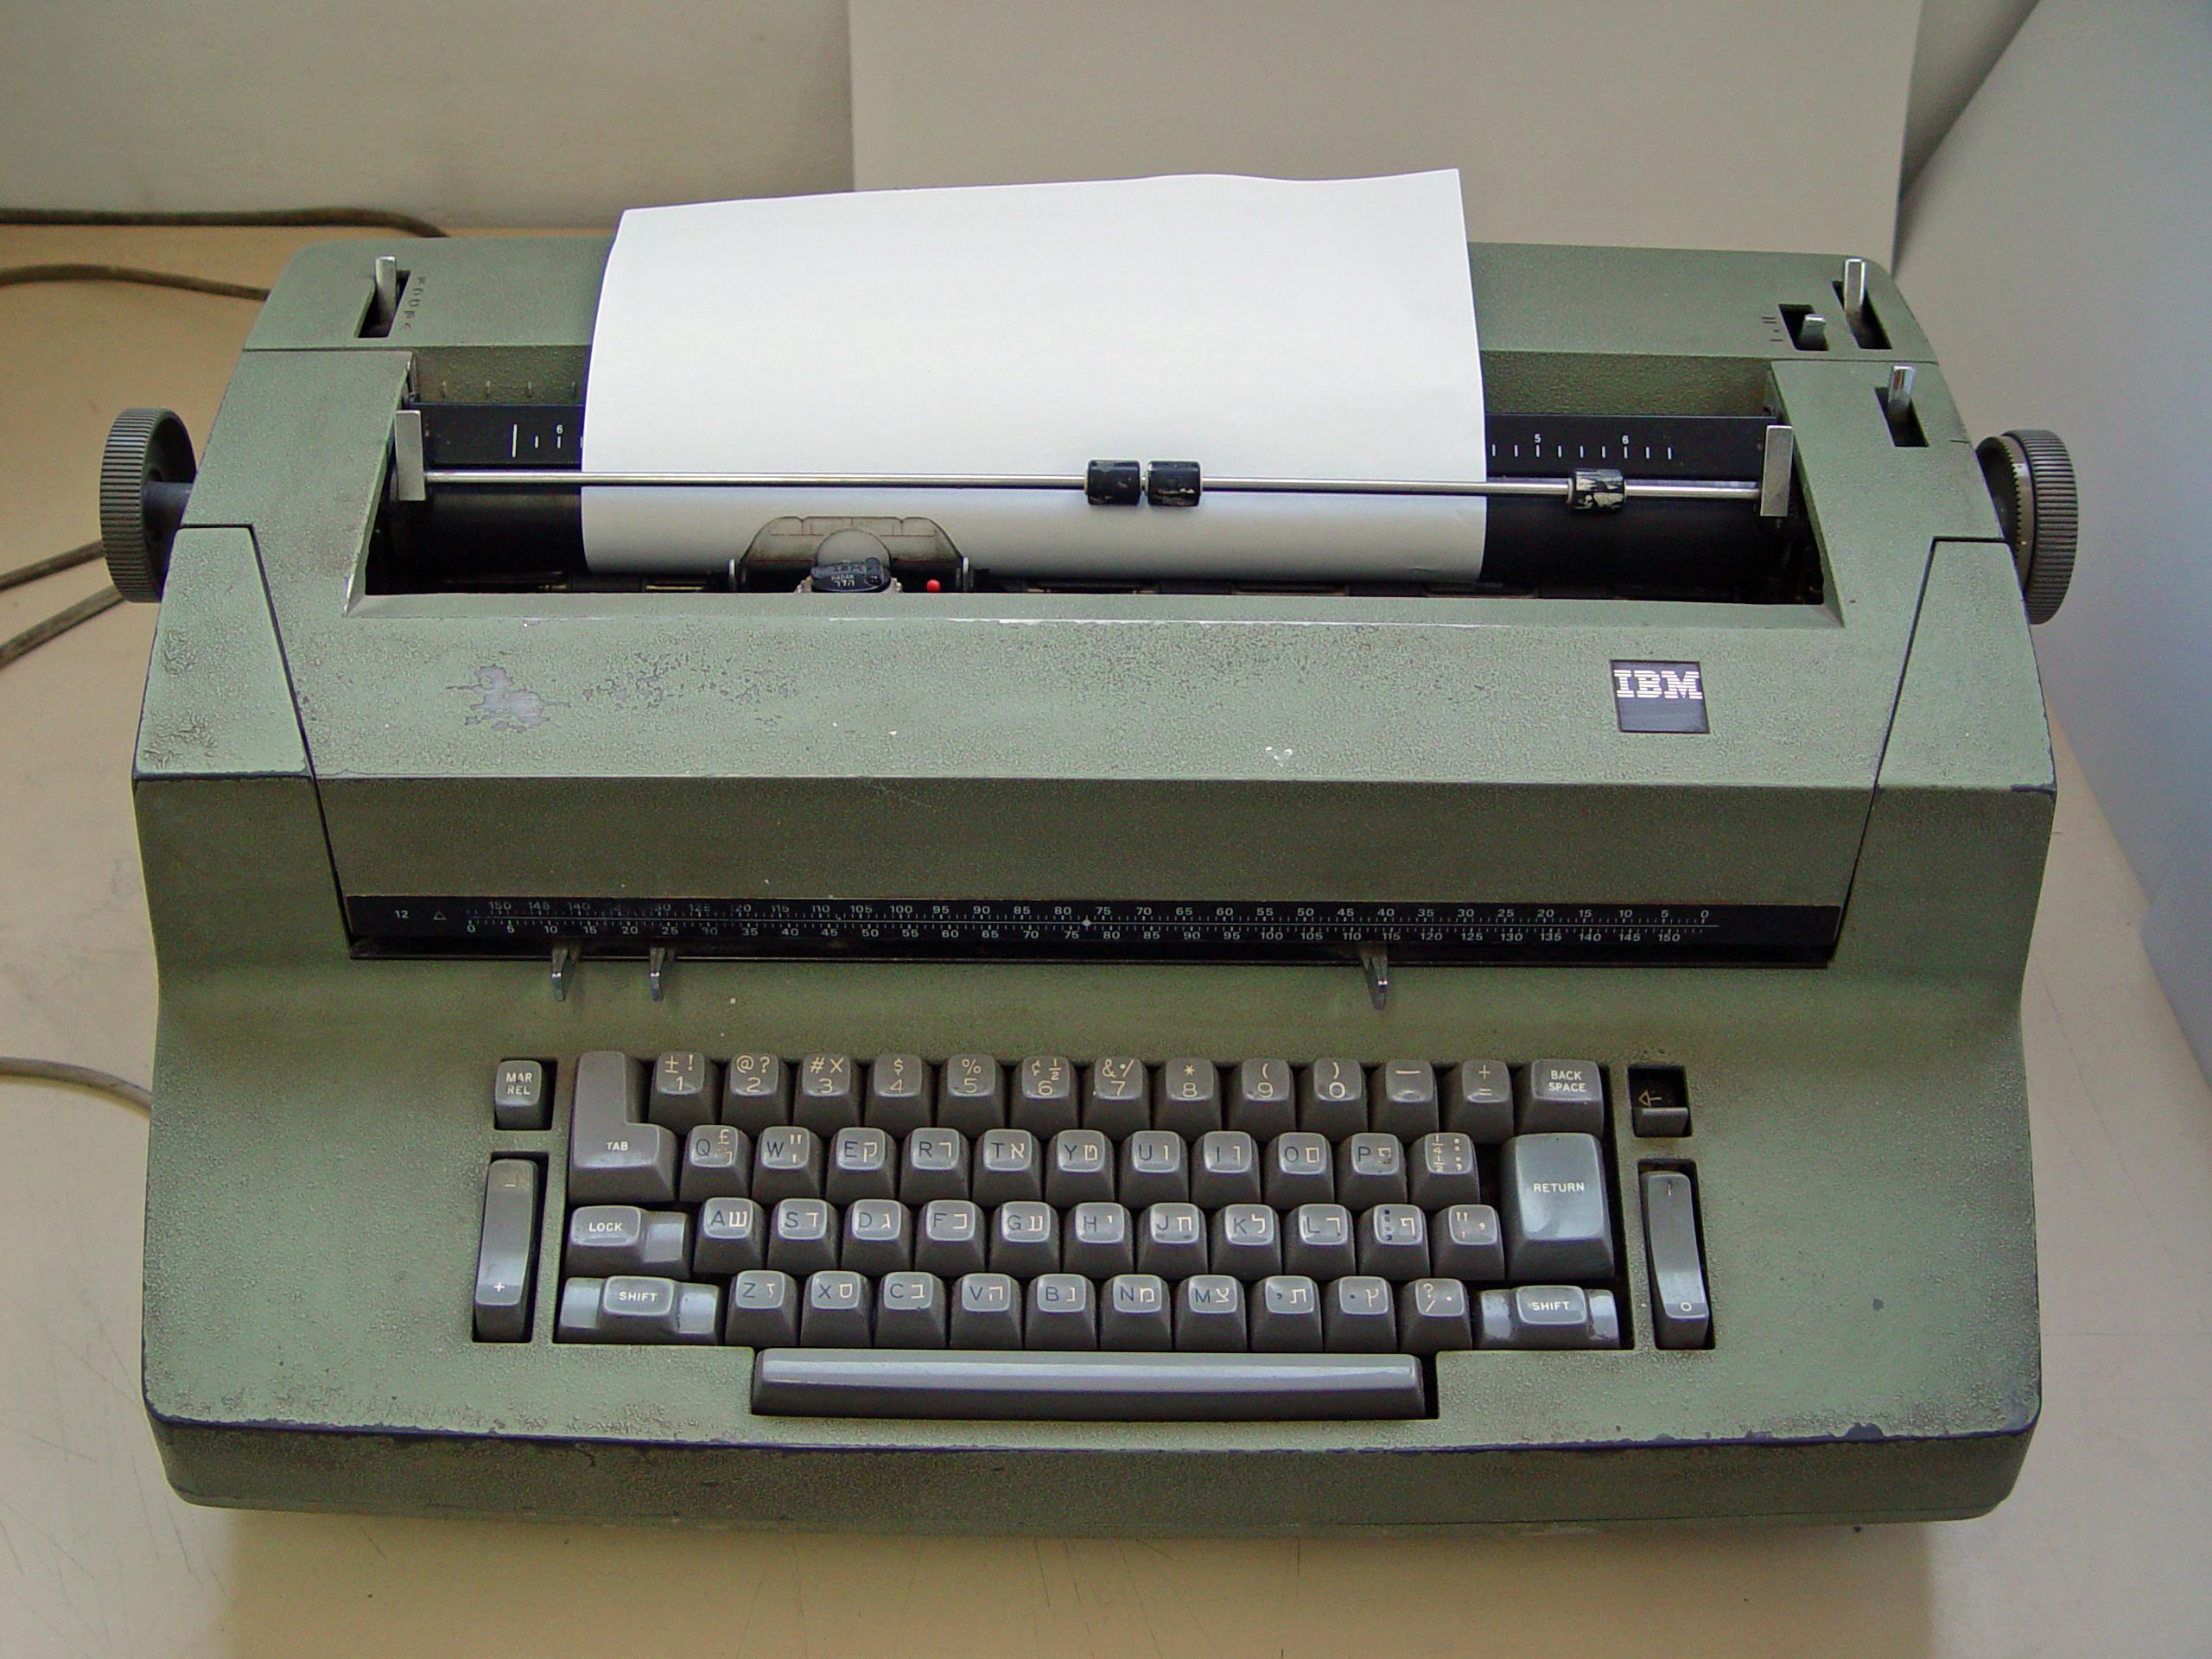 La machine à écrire ibm selectric ii